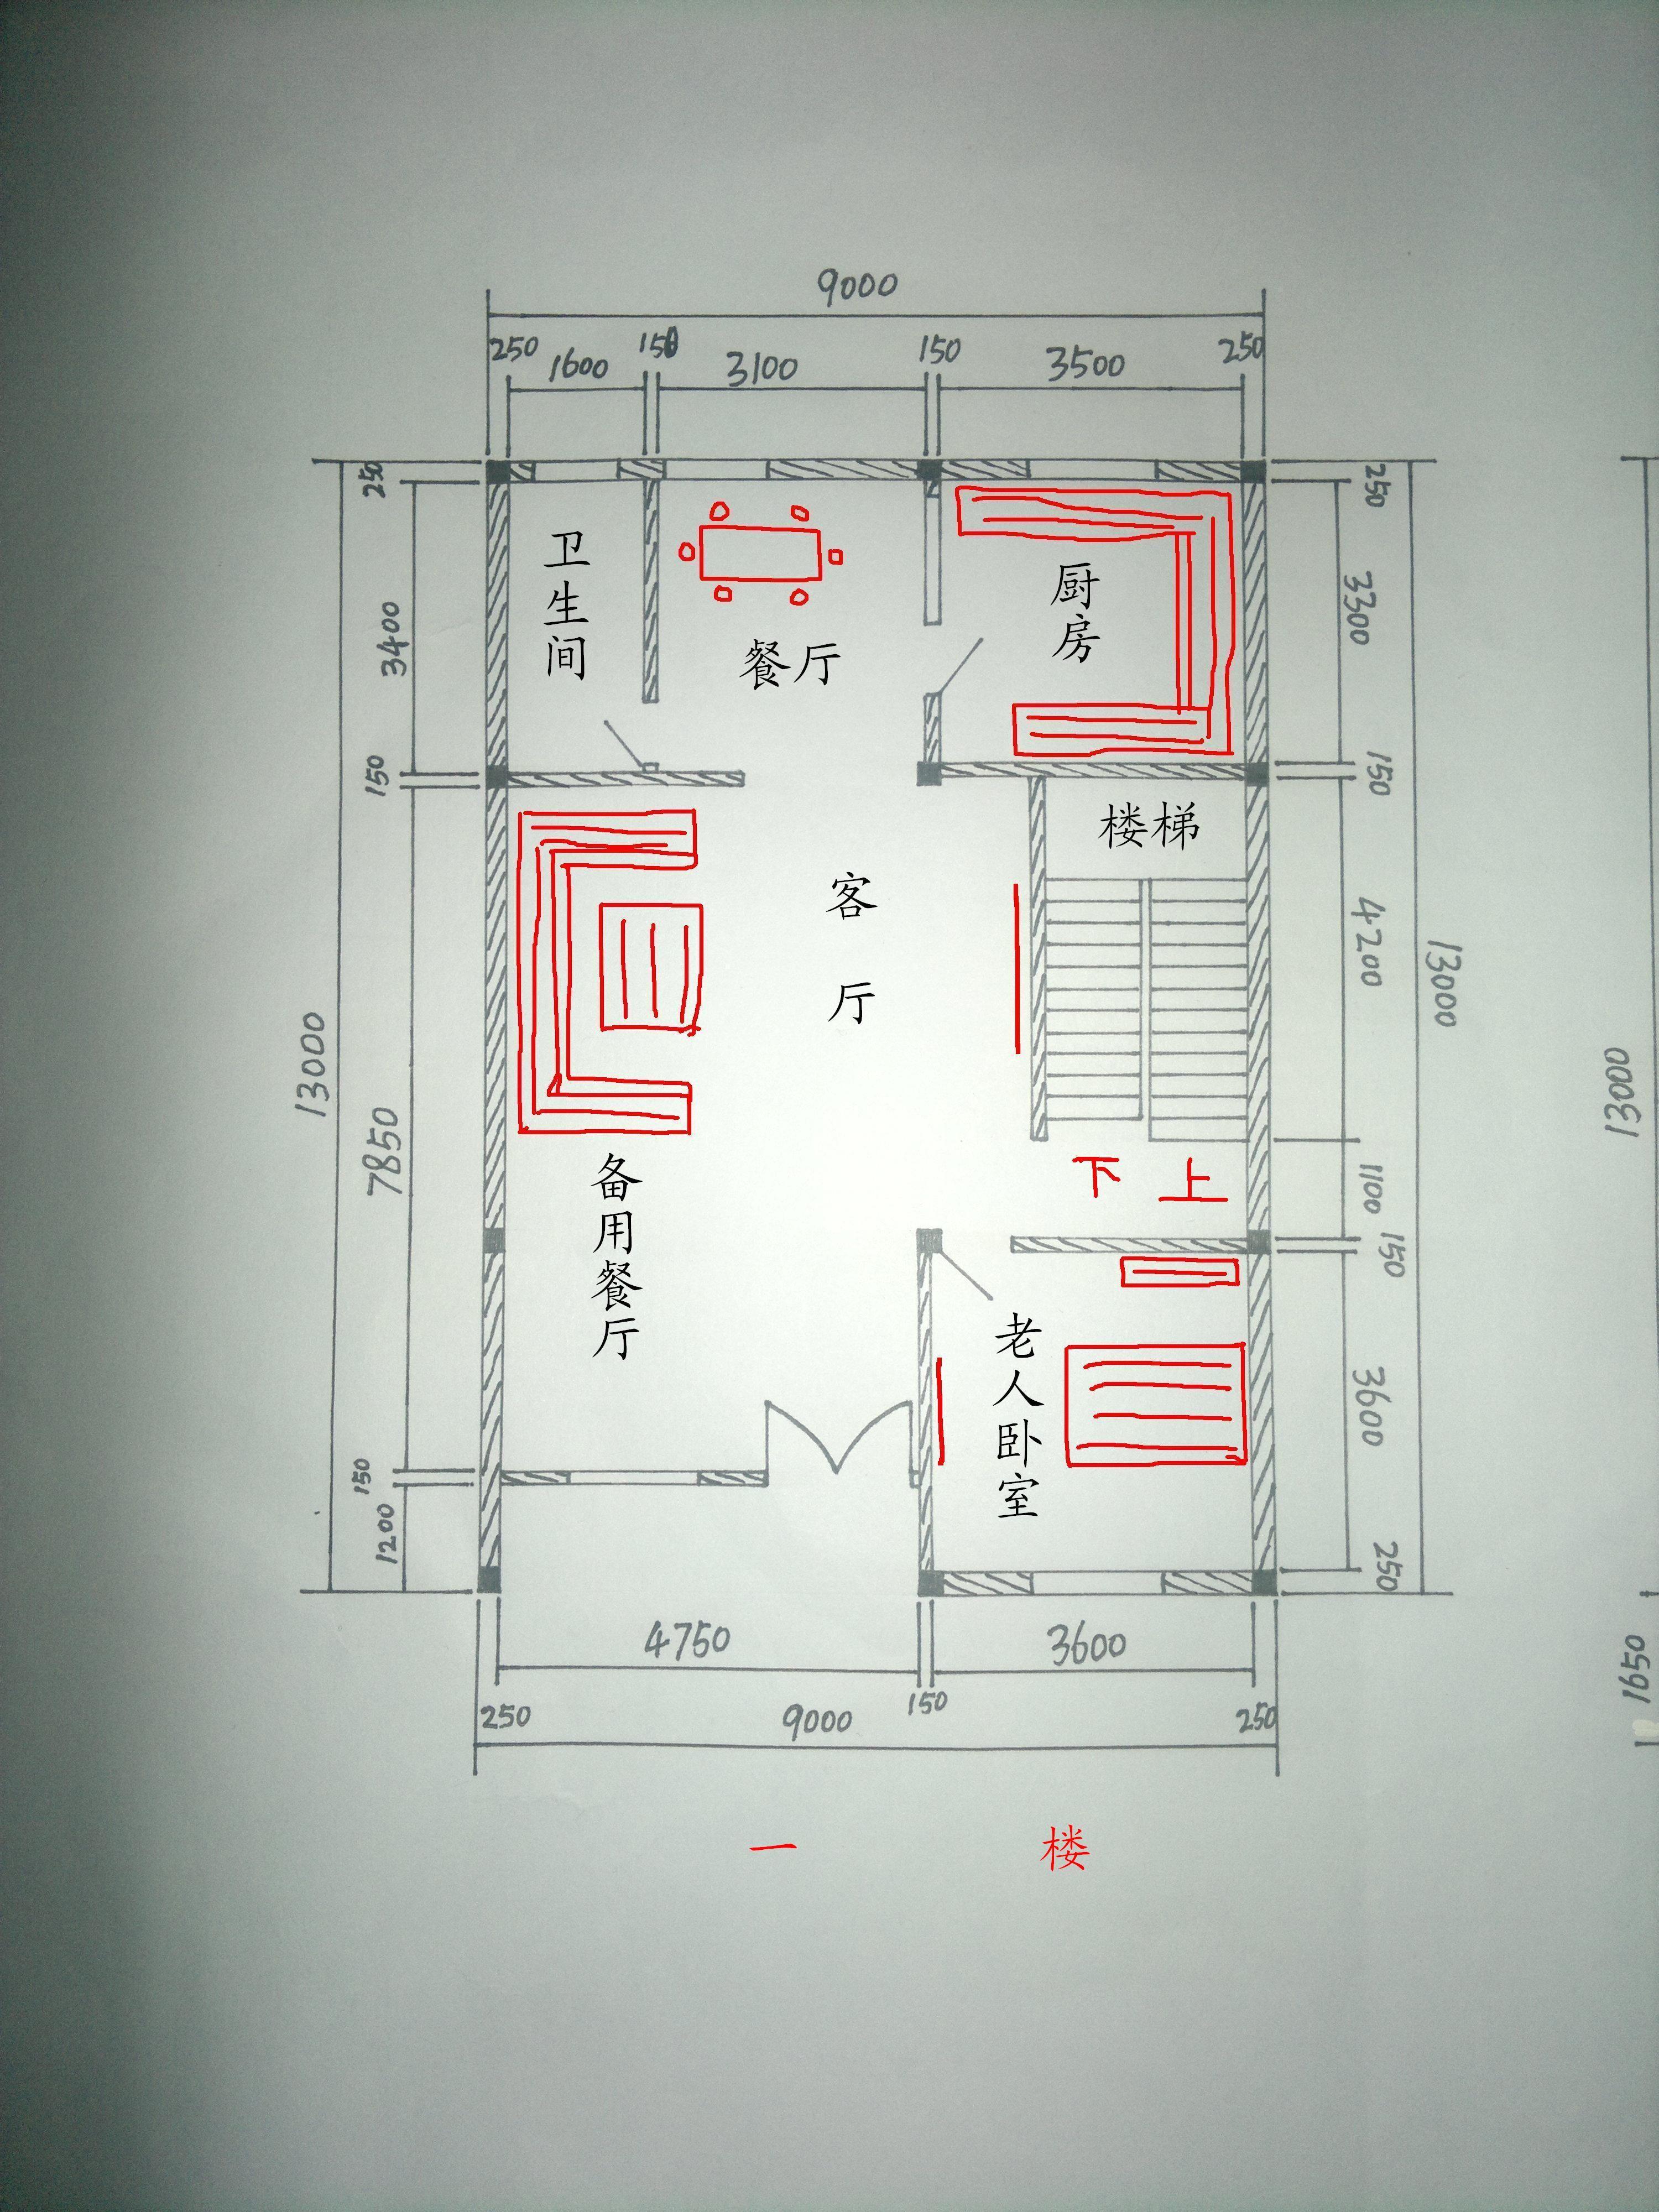 求高人帮忙看看,设计房子格局怎么样?对风水是否有影响?